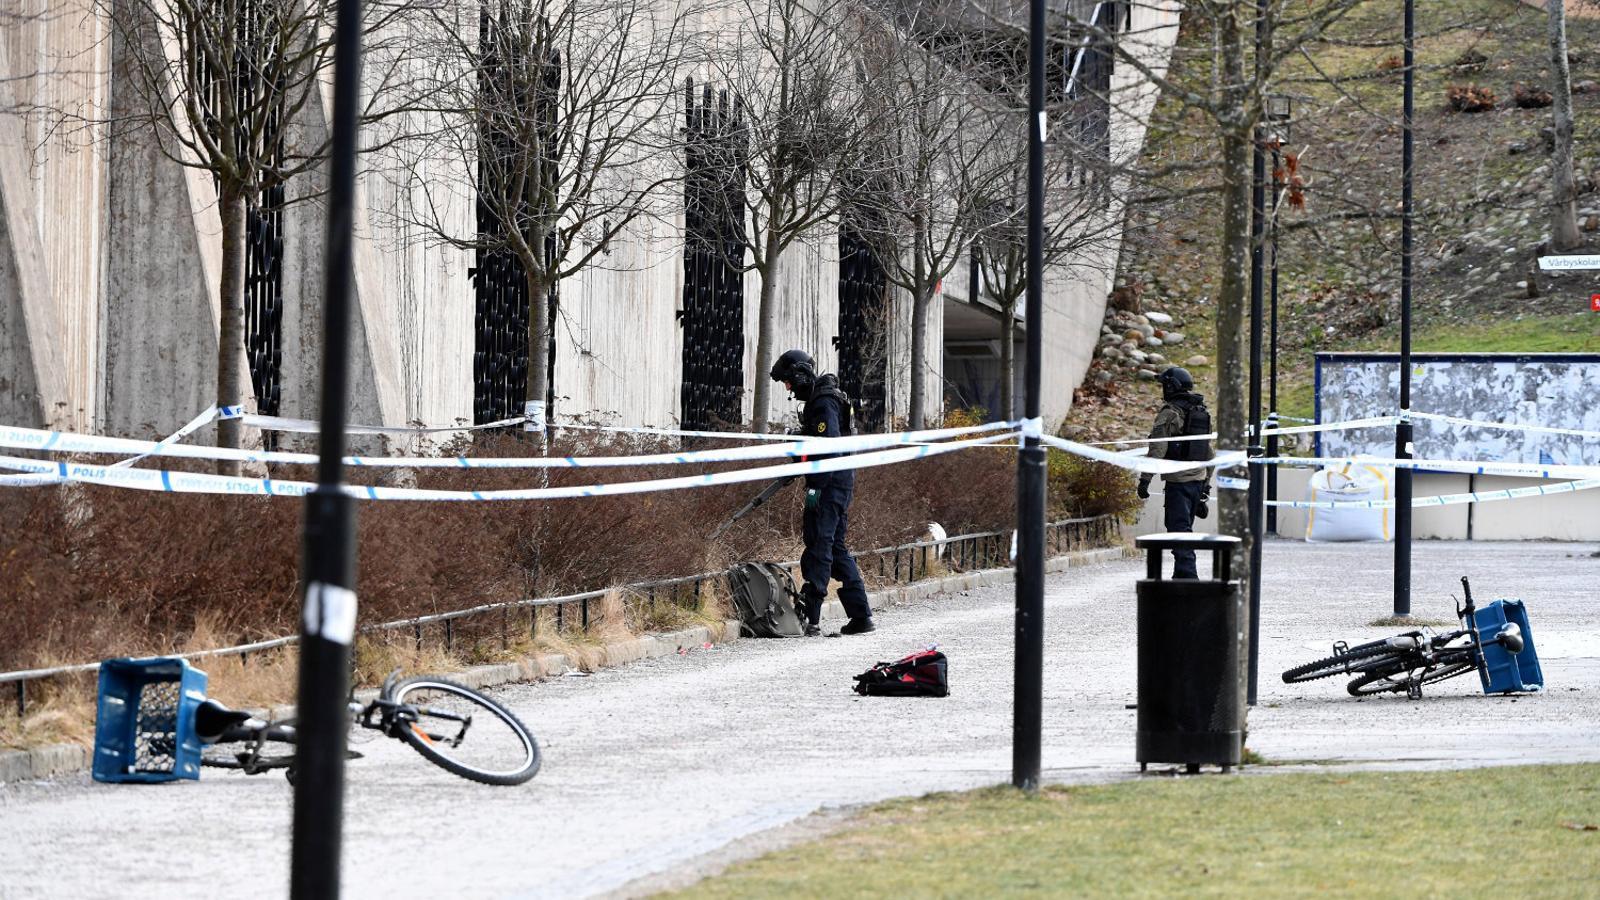 Agents de policia als voltants d'una estació d'Estocolm, on un home va morir al gener per l'explosió d'una granada.